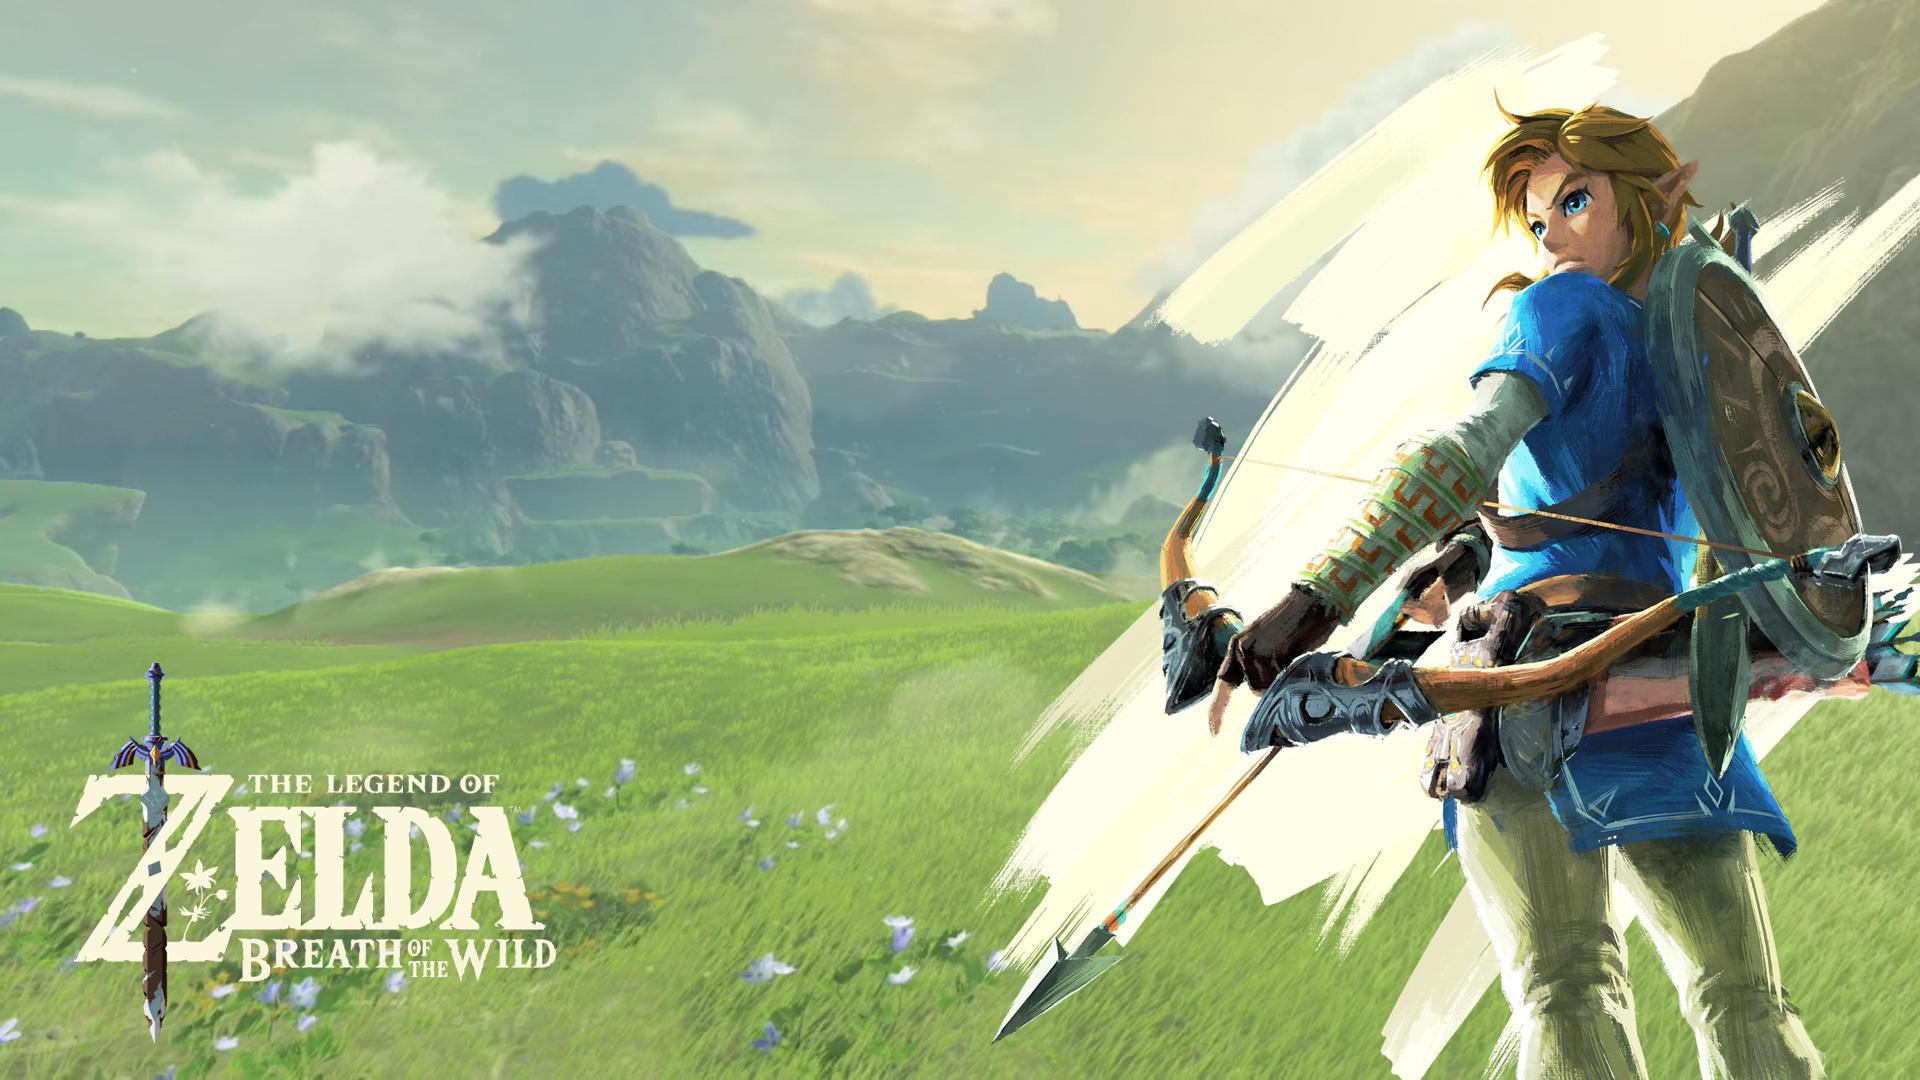 Podrás Vestir A Link Con El Traje Verde En Zelda Breath Of